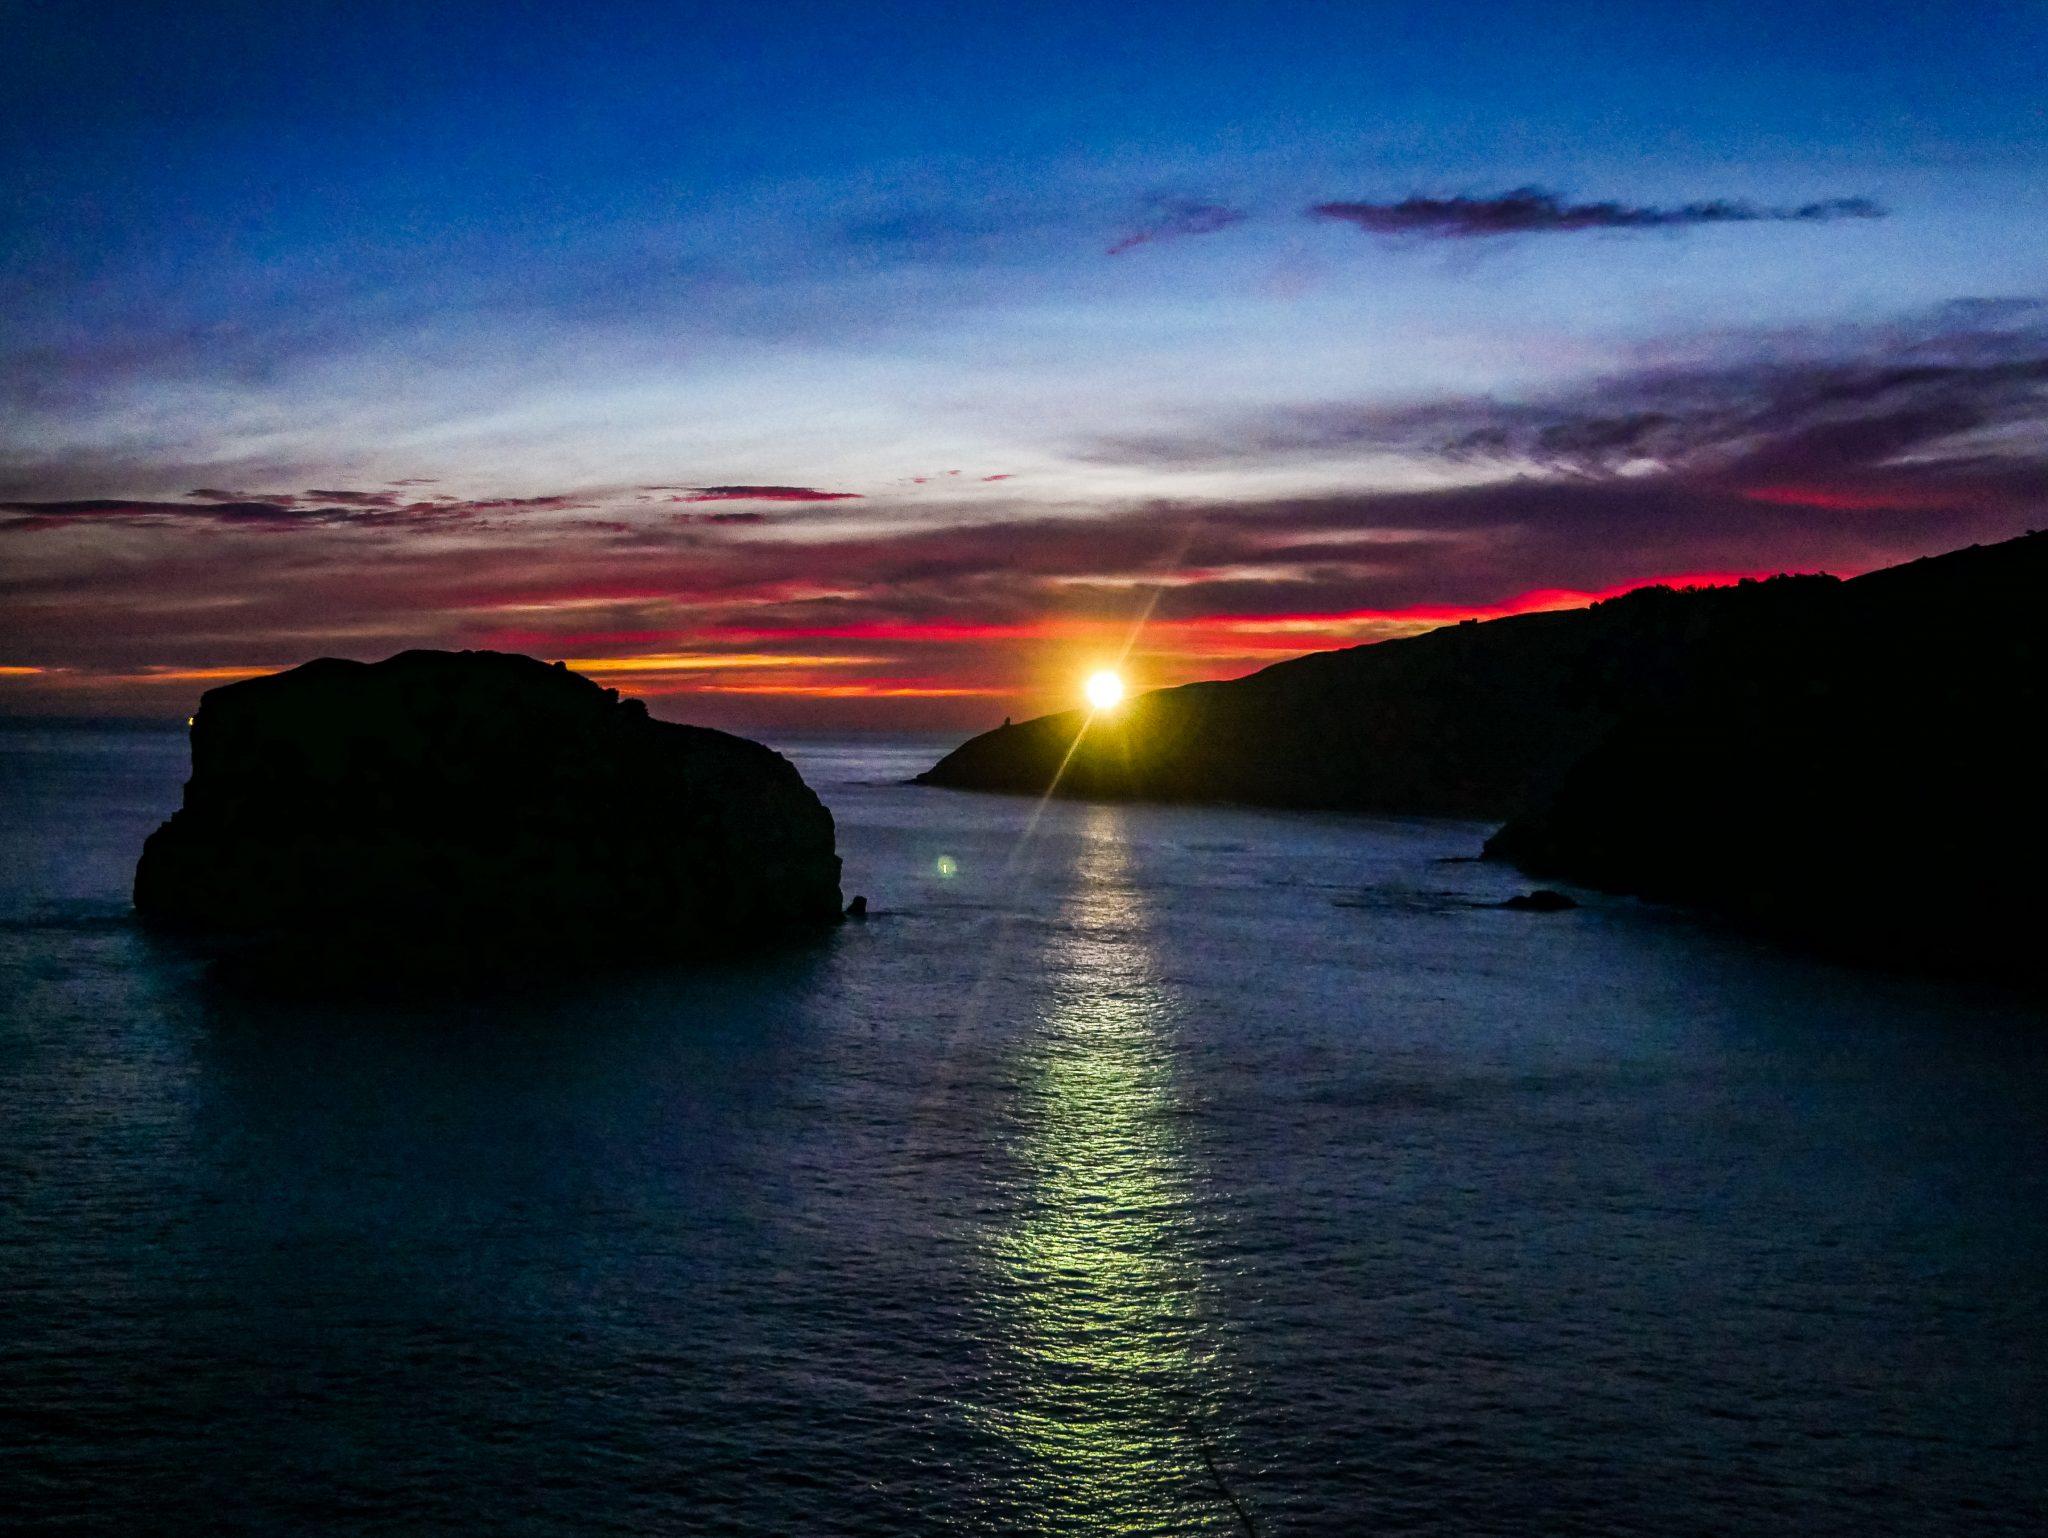 Einer der schönsten Sonnenaufgänge, die ich jemals gesehen habe! San Juan de Gaztelugatxe